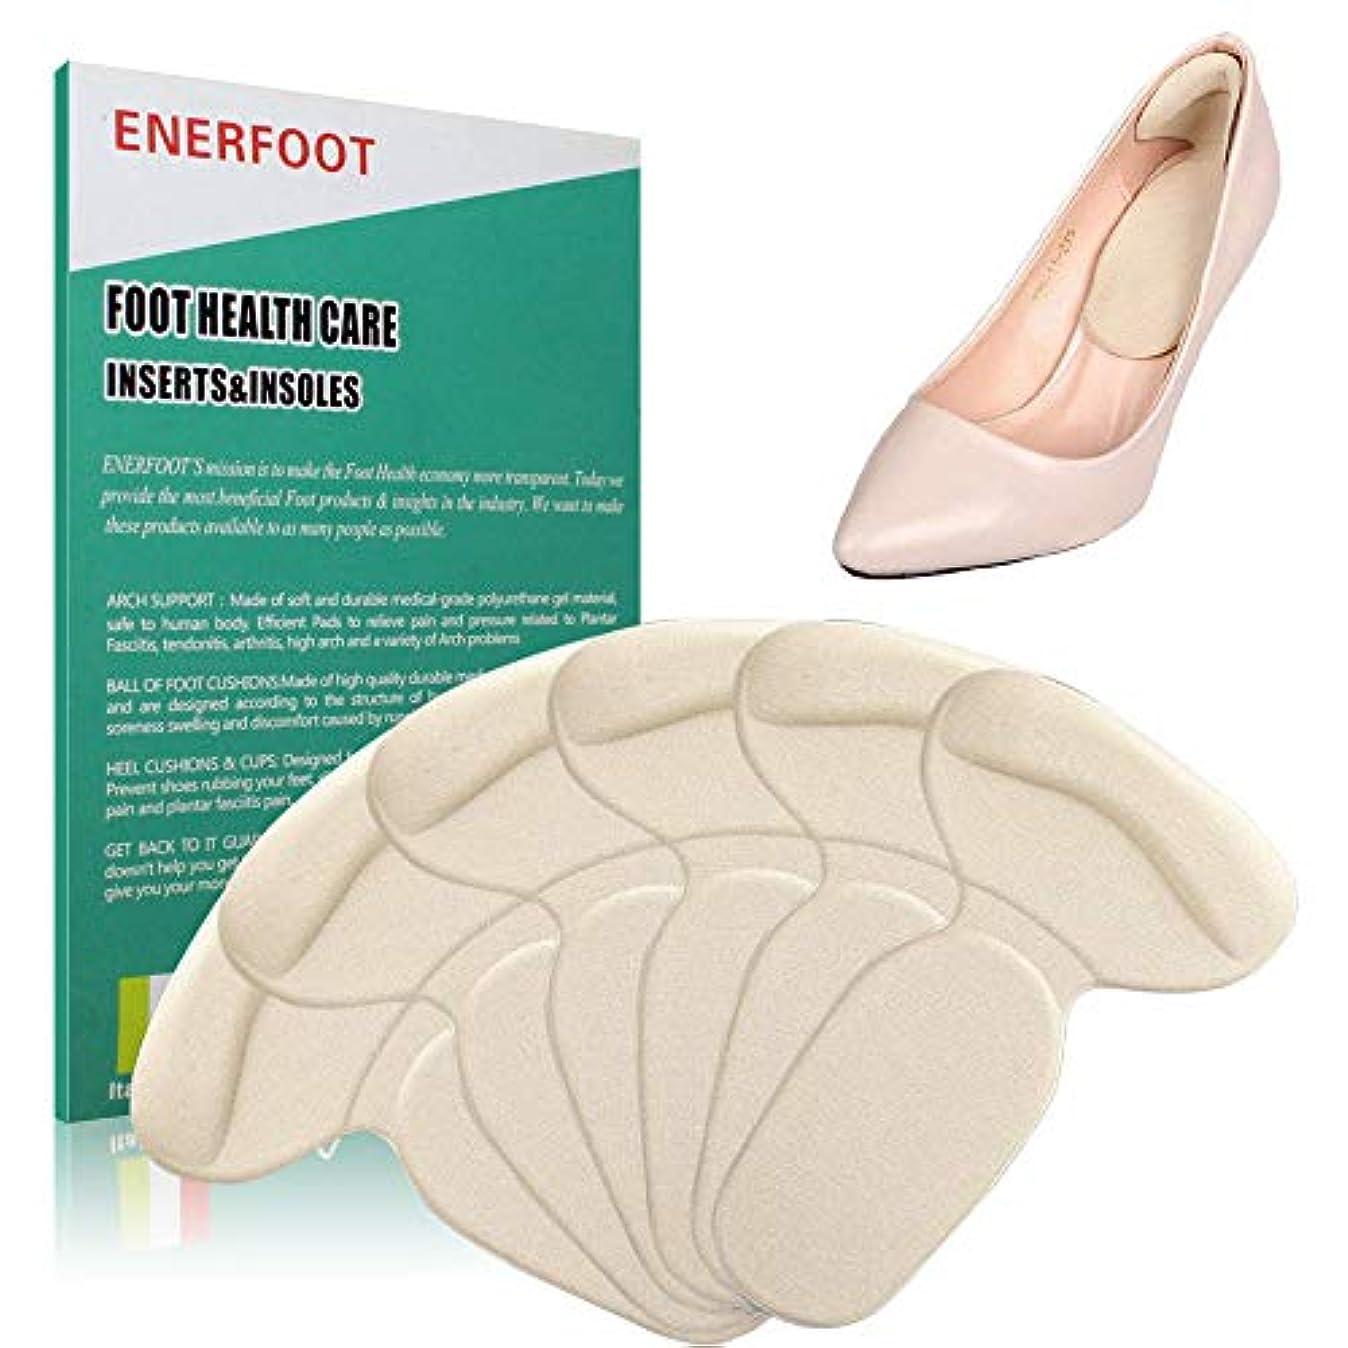 奨学金ビーム連邦ENERFOOTヒールクッションが大きすぎる靴用の靴パッドを挿入します、靴ヒールパッドヒールグリップライナーミックス快適な靴ヒール用プロテクター